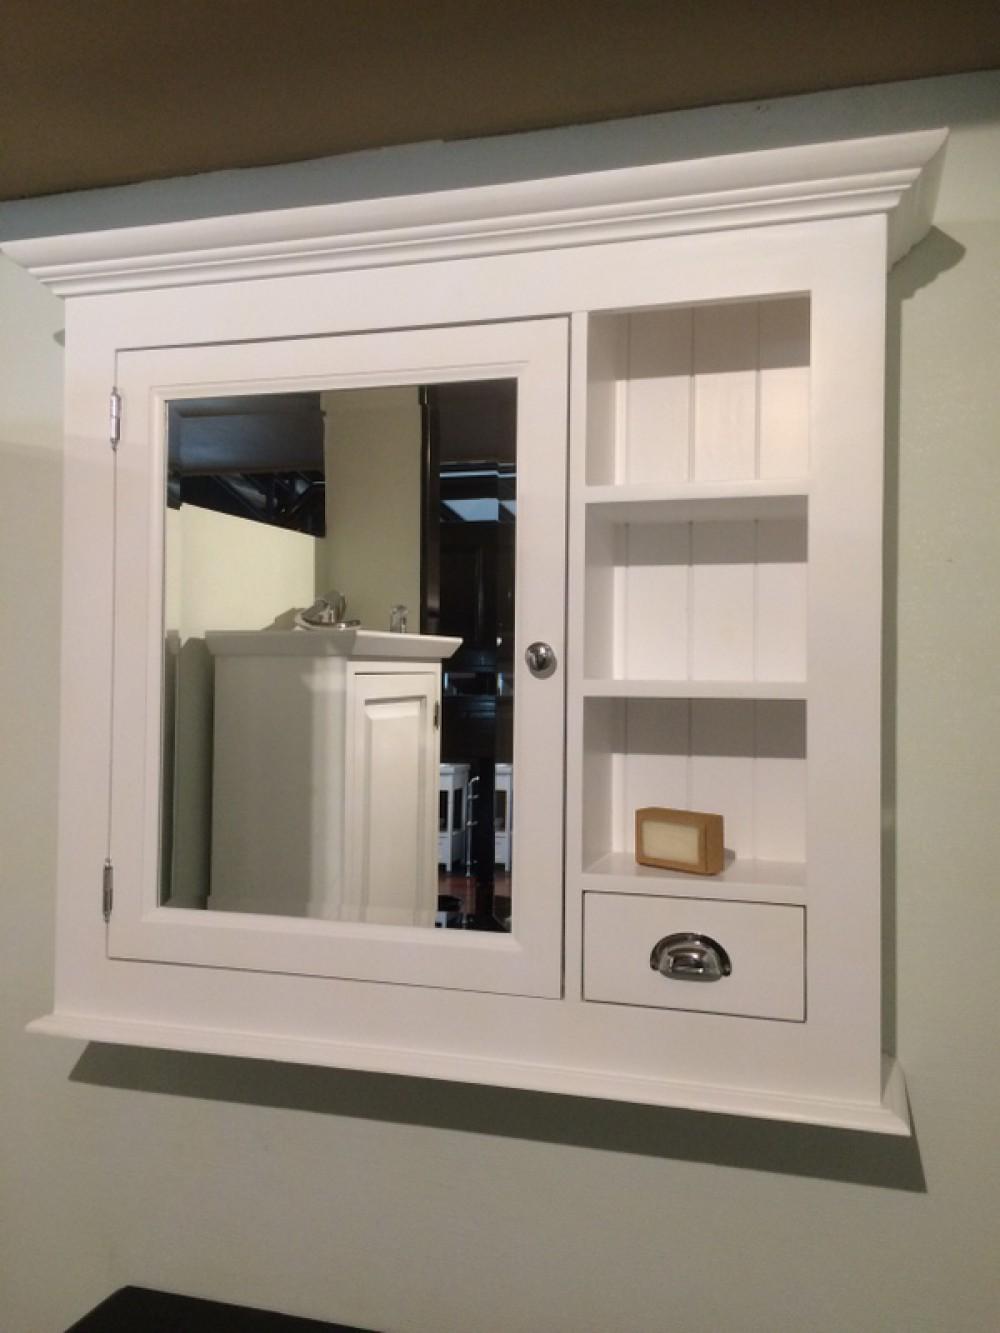 Spiegelschrank Weiß Im Landhausstil Spiegel Weiß Breite 98 Cm